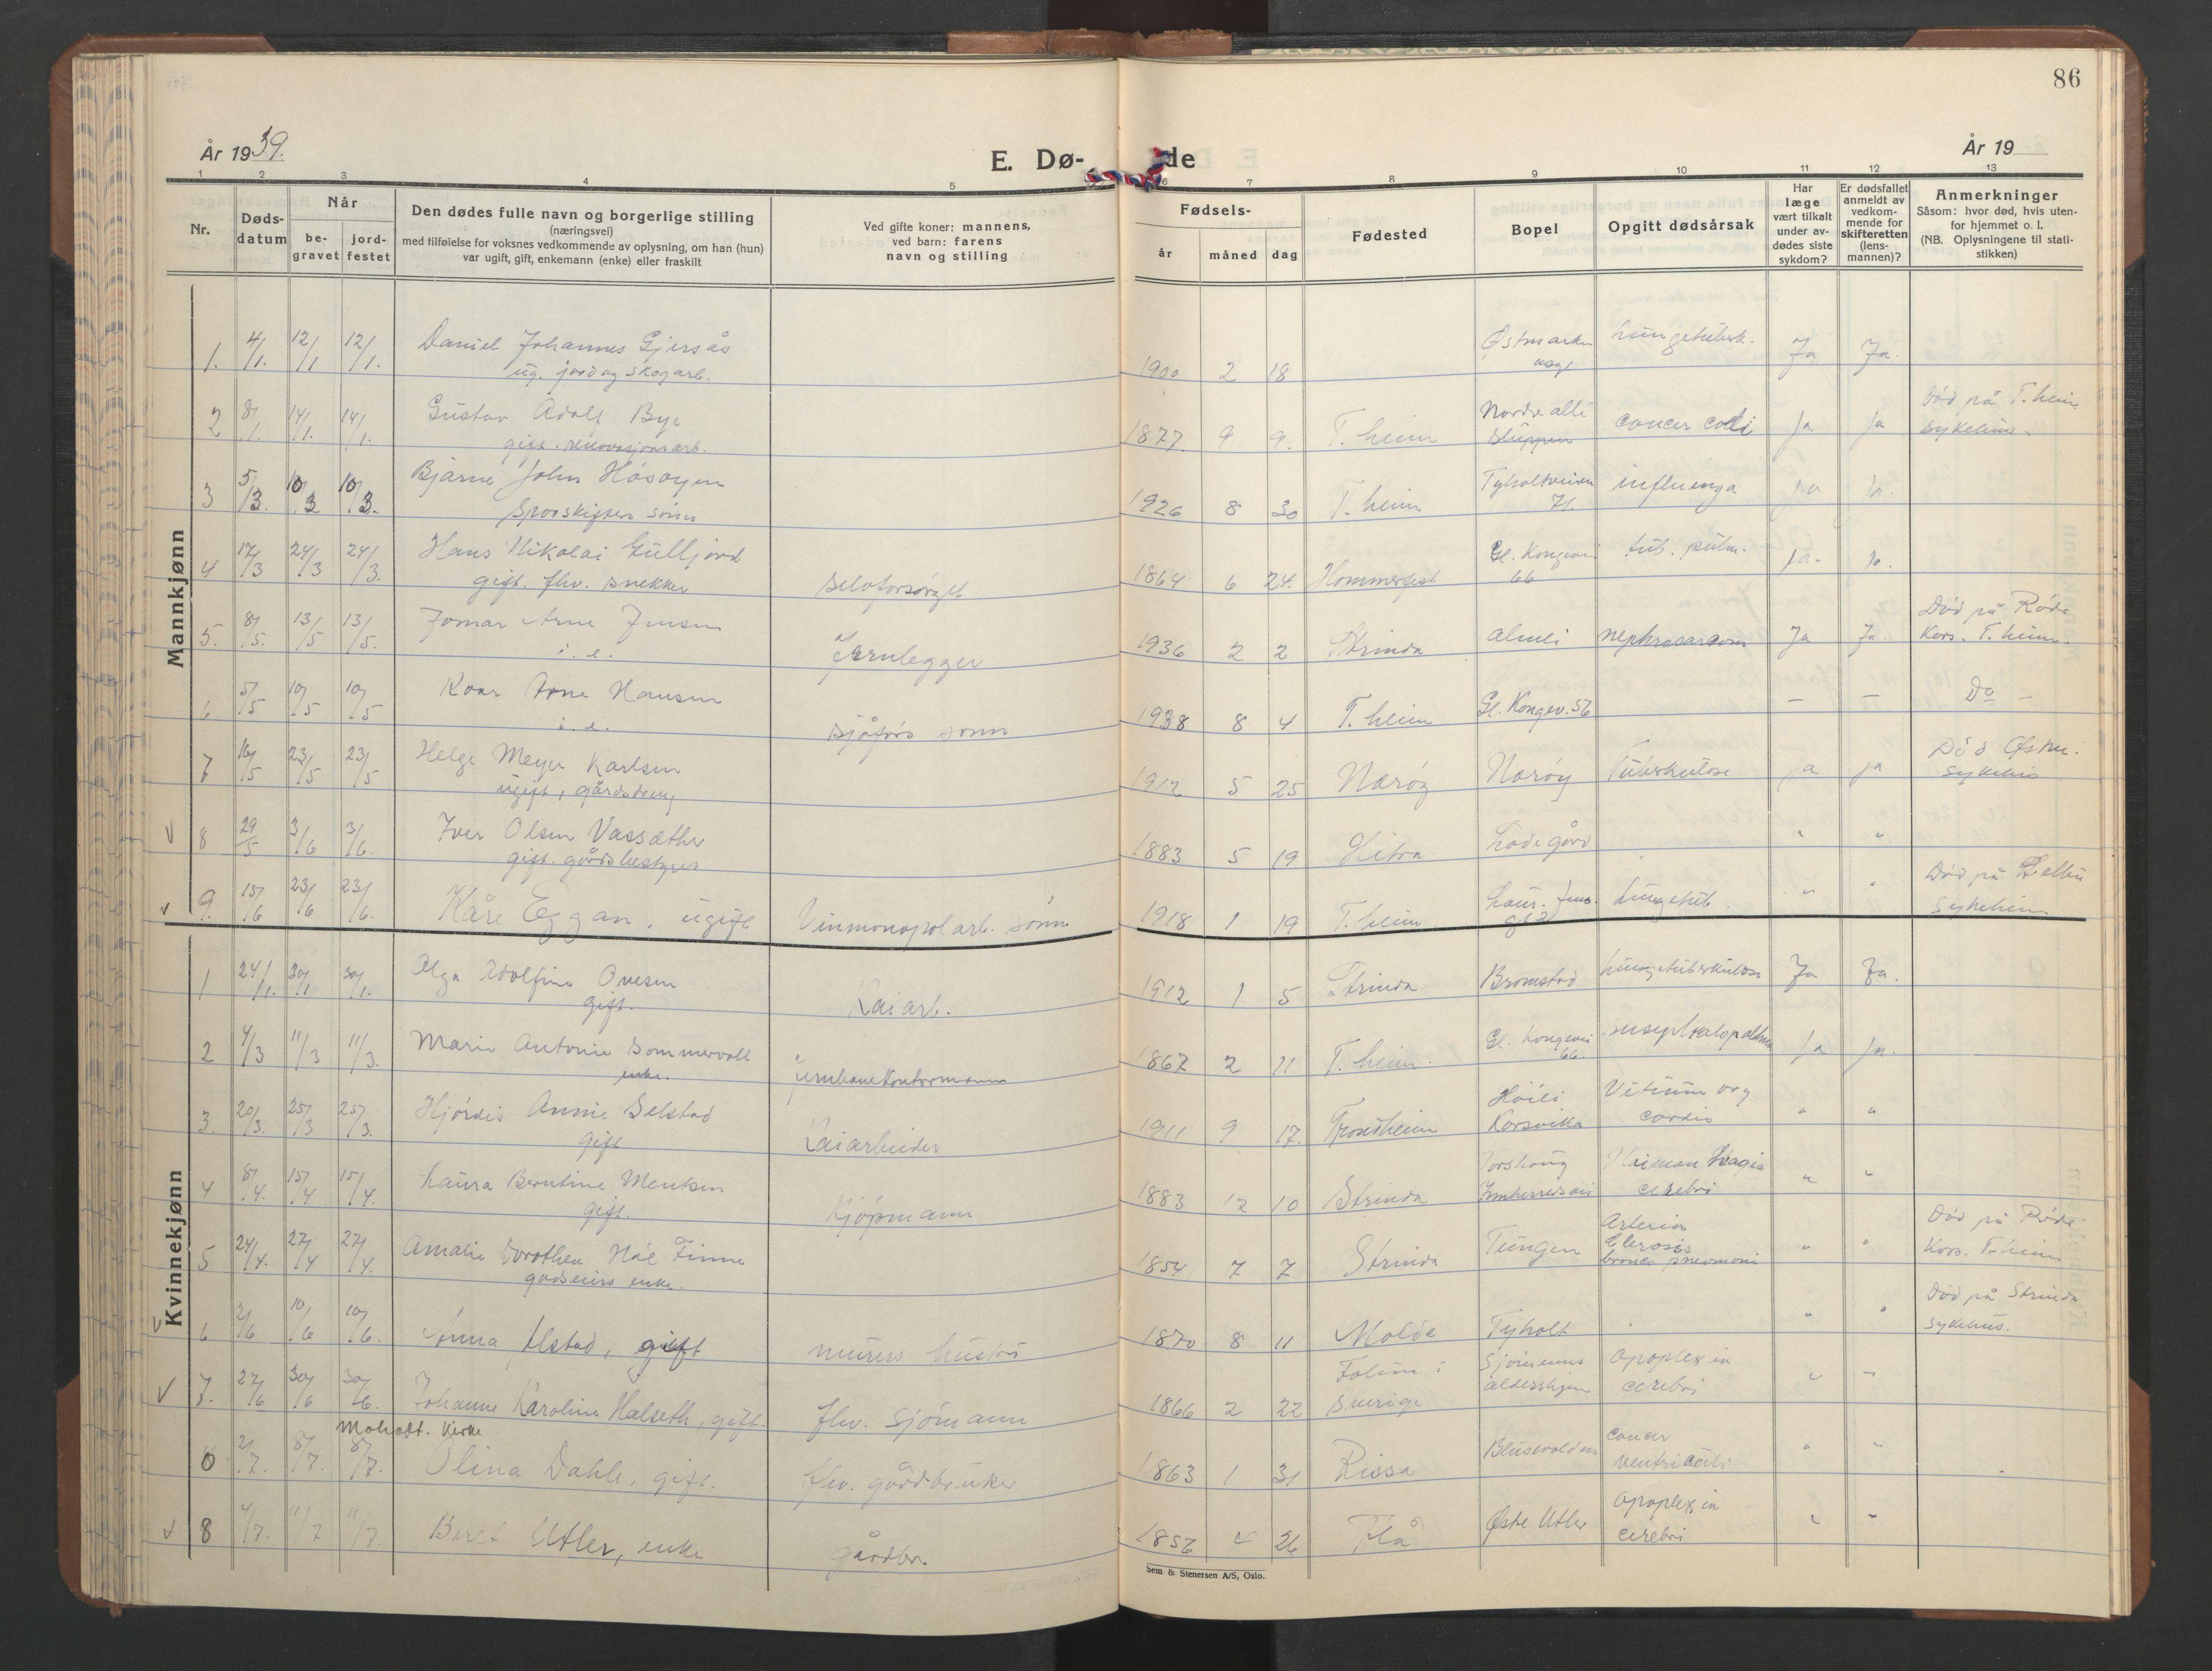 SAT, Ministerialprotokoller, klokkerbøker og fødselsregistre - Sør-Trøndelag, 606/L0315: Klokkerbok nr. 606C11, 1938-1947, s. 86